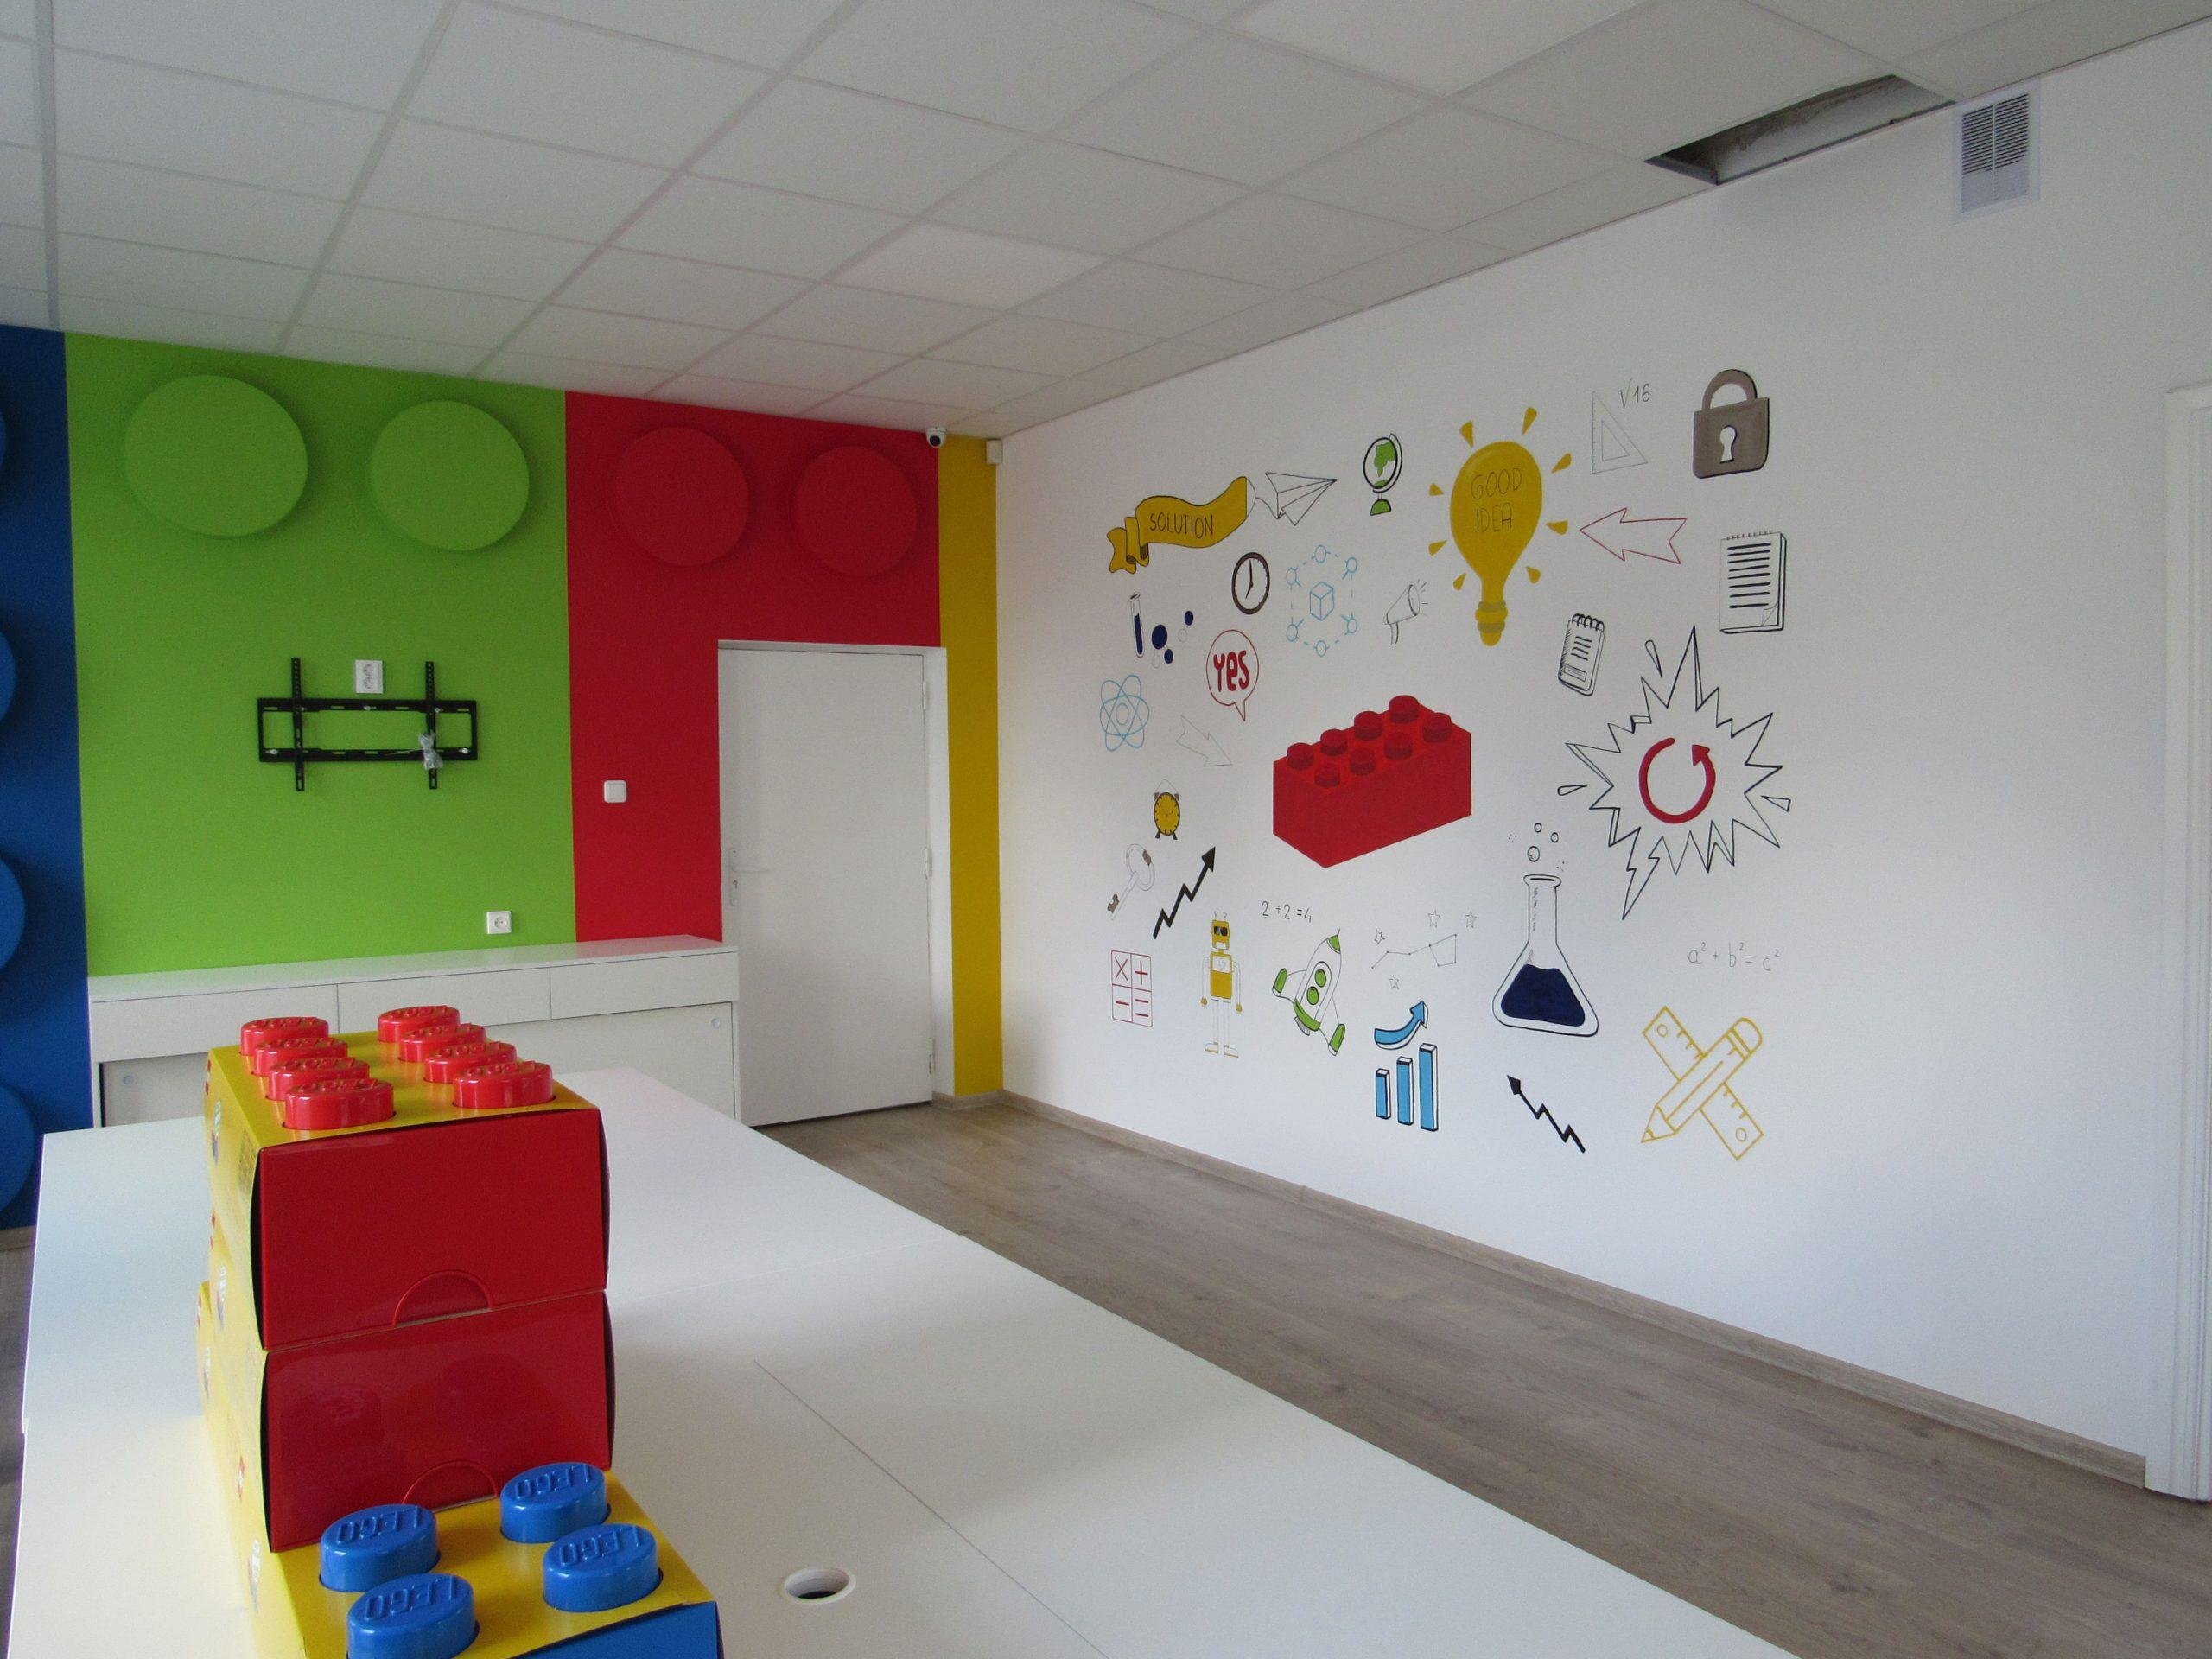 menine-kuryba-sienu-dekoravimas-ugdymo-istaigos (26)